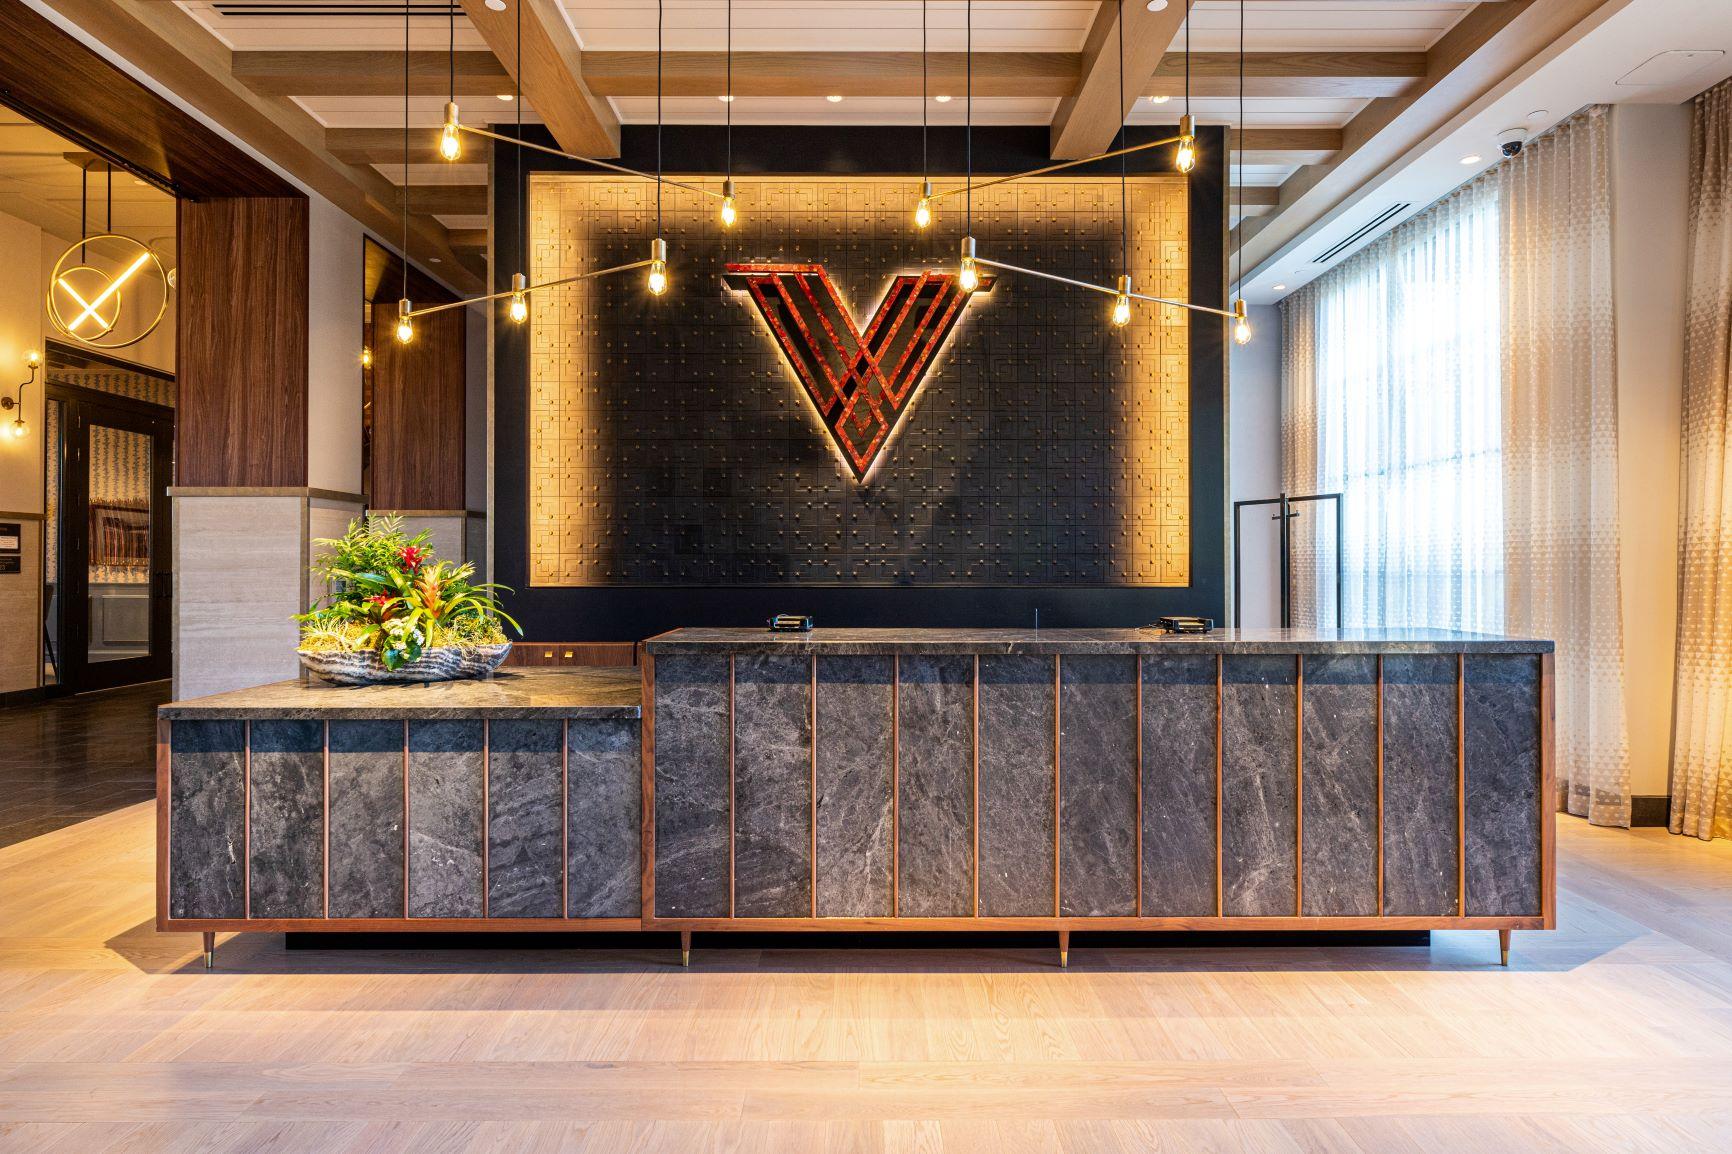 Hotel Vin Front Desk